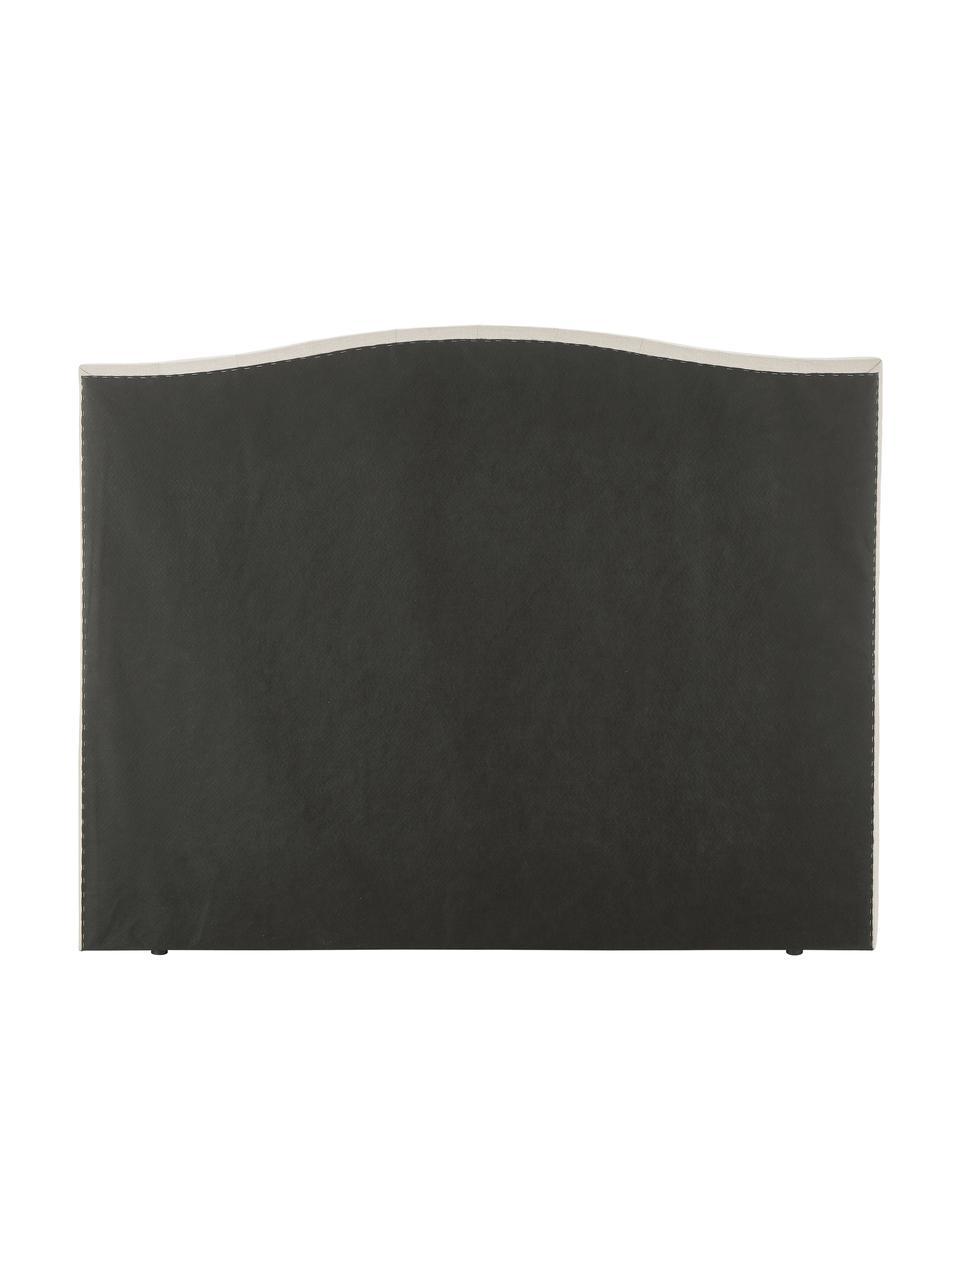 Letto boxspring in tessuto beige Premium Royal, Materasso: nucleo a 5 zone di molle , Piedini: legno di betulla massicci, Tessuto beige, 200 x 200 cm